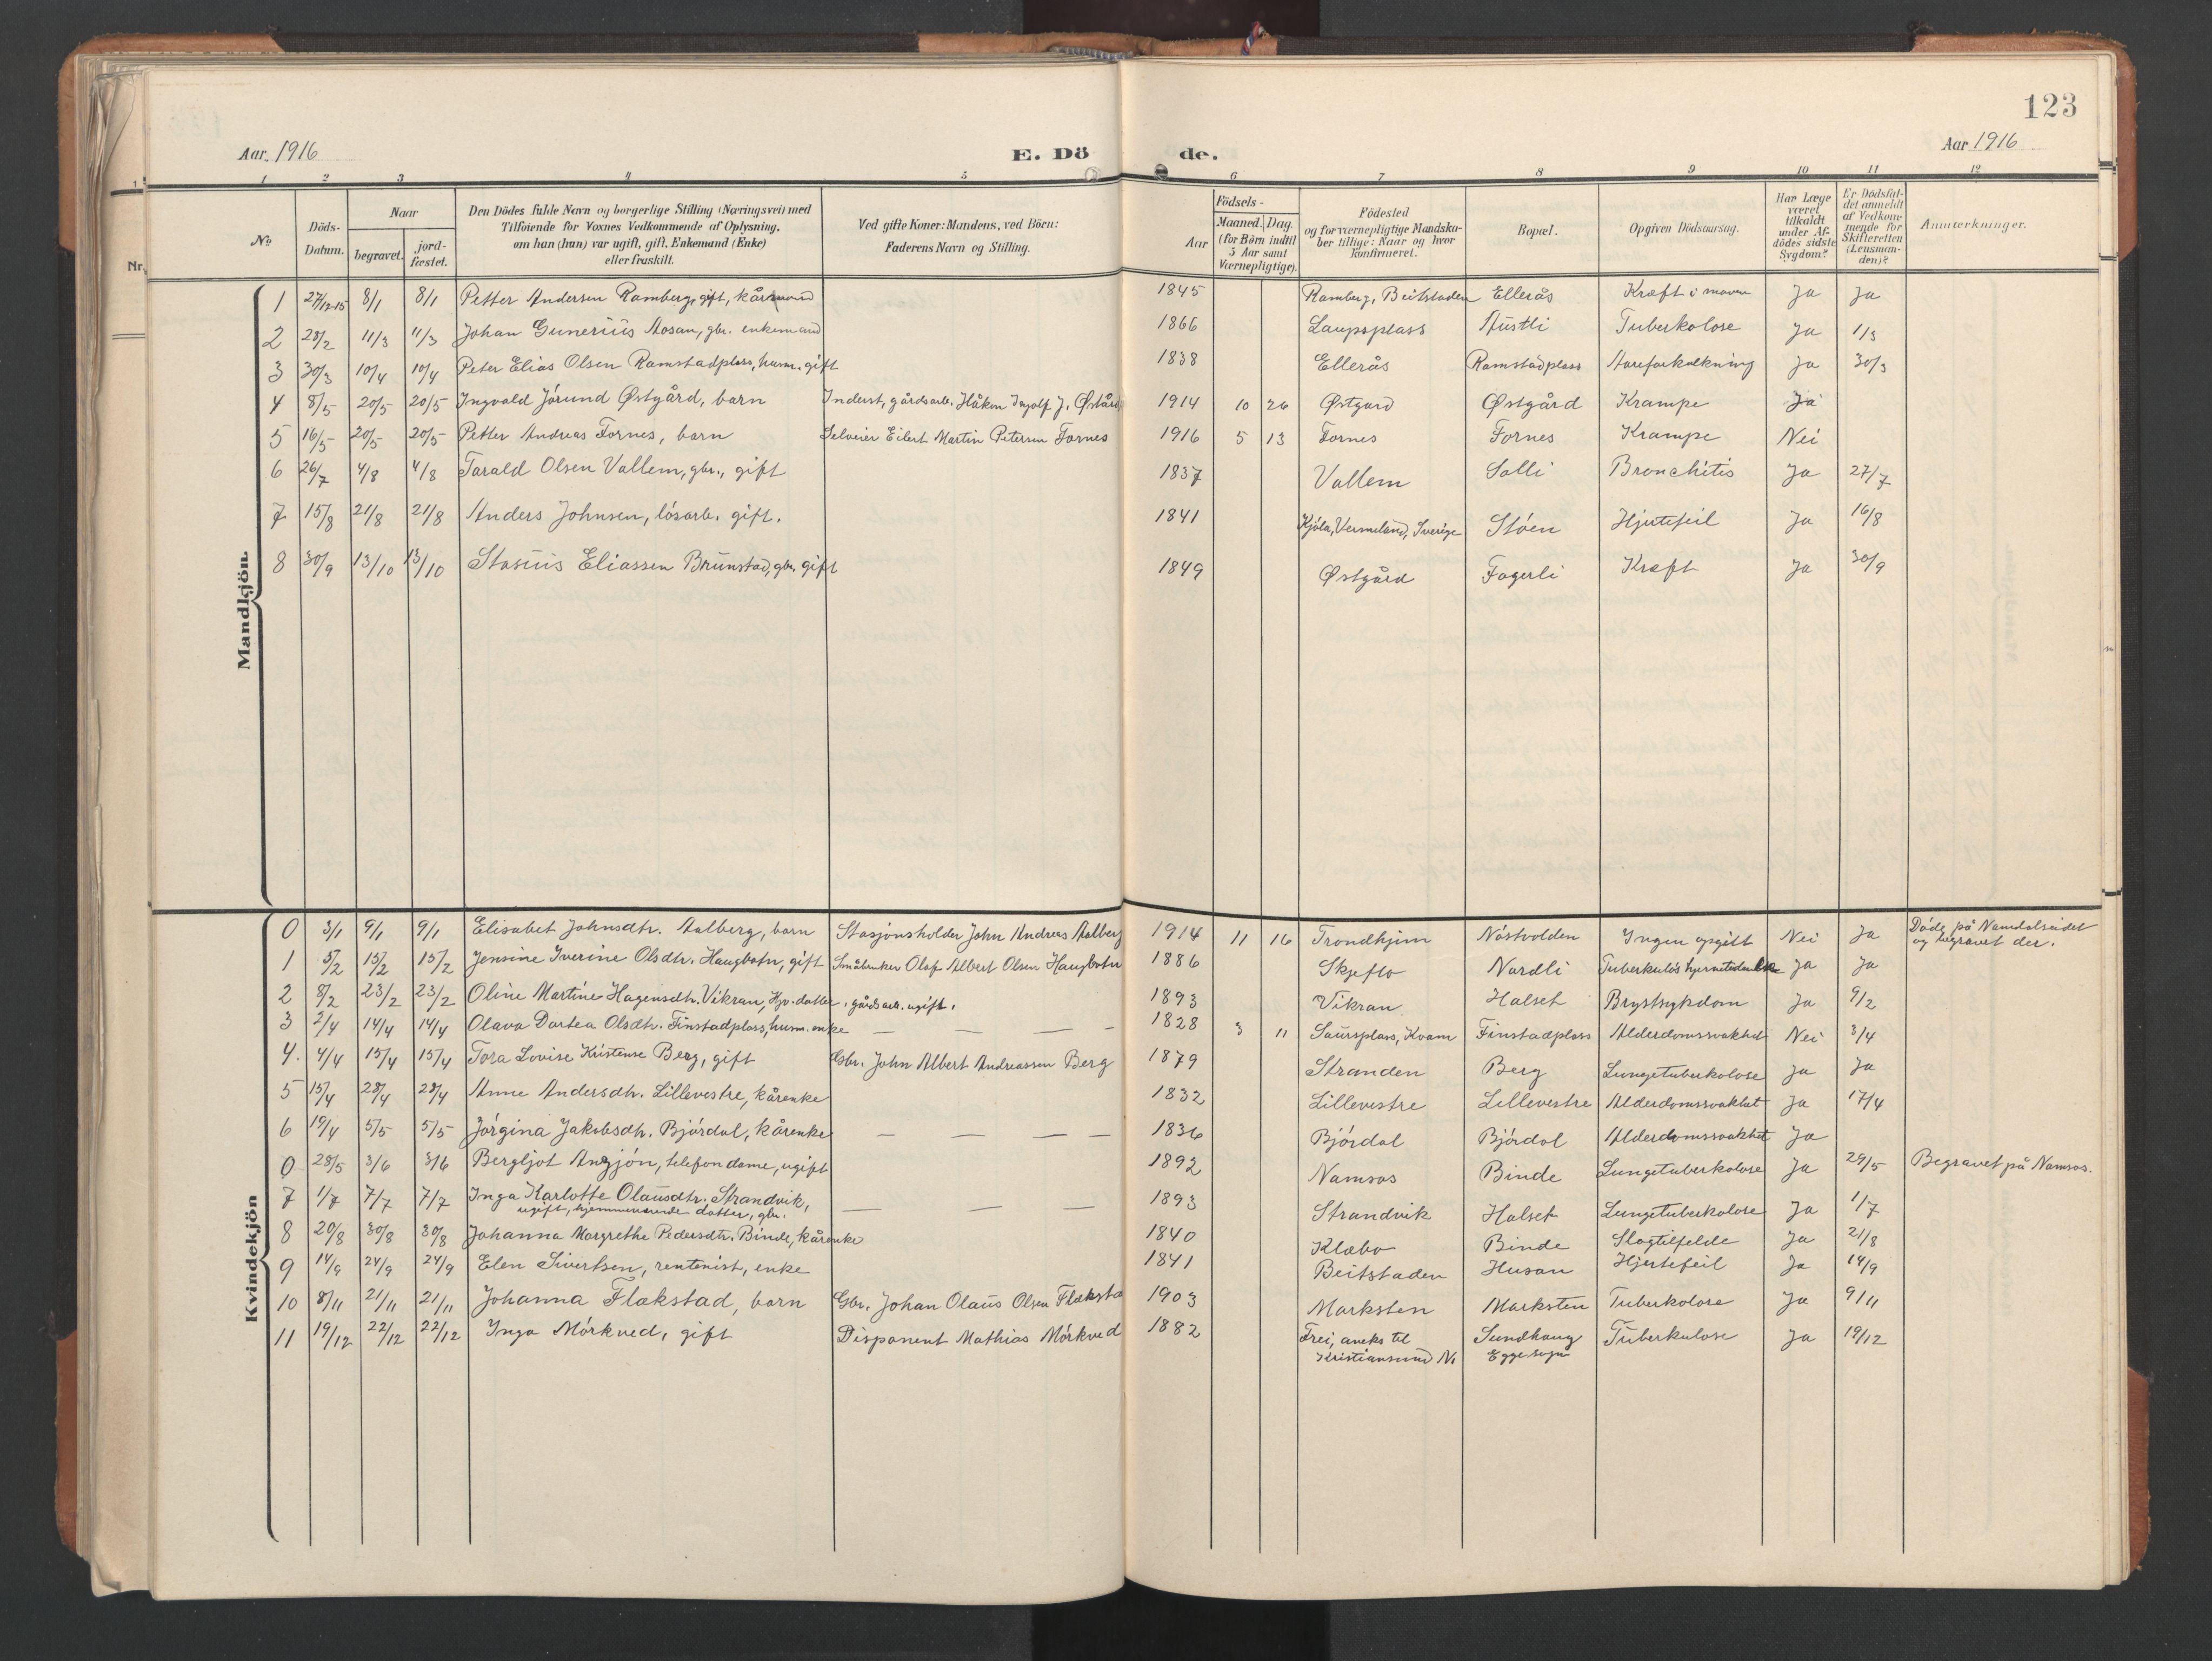 SAT, Ministerialprotokoller, klokkerbøker og fødselsregistre - Nord-Trøndelag, 746/L0455: Klokkerbok nr. 746C01, 1908-1933, s. 123